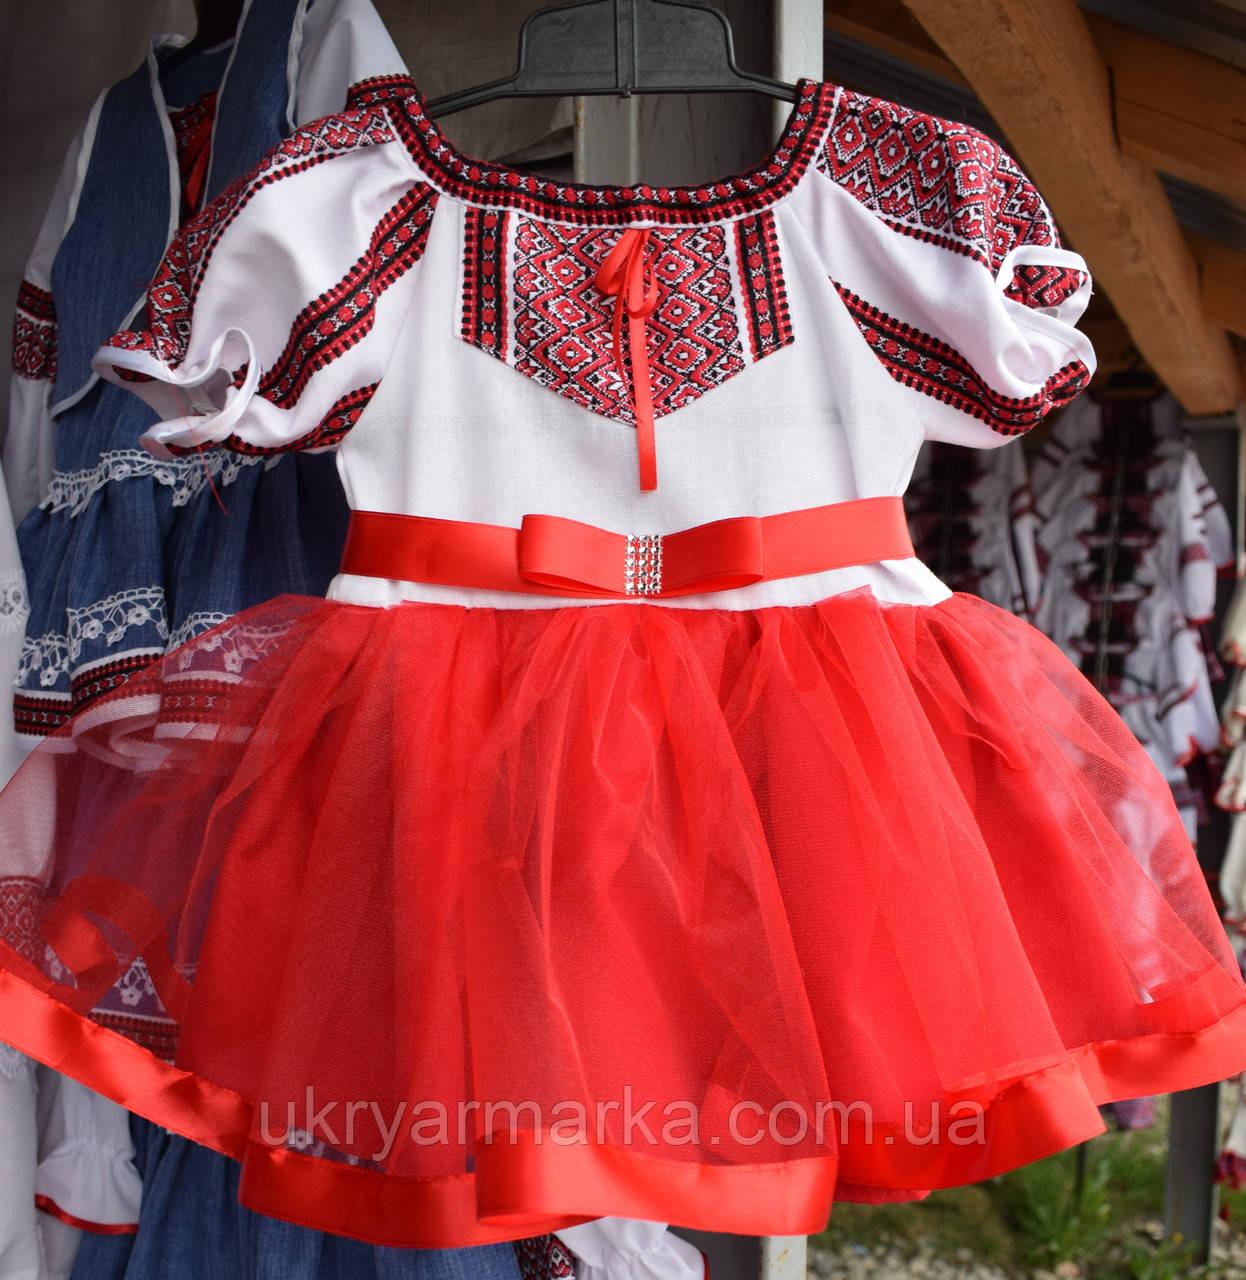 49b20e01bc8dd8 Плаття для дівчинки